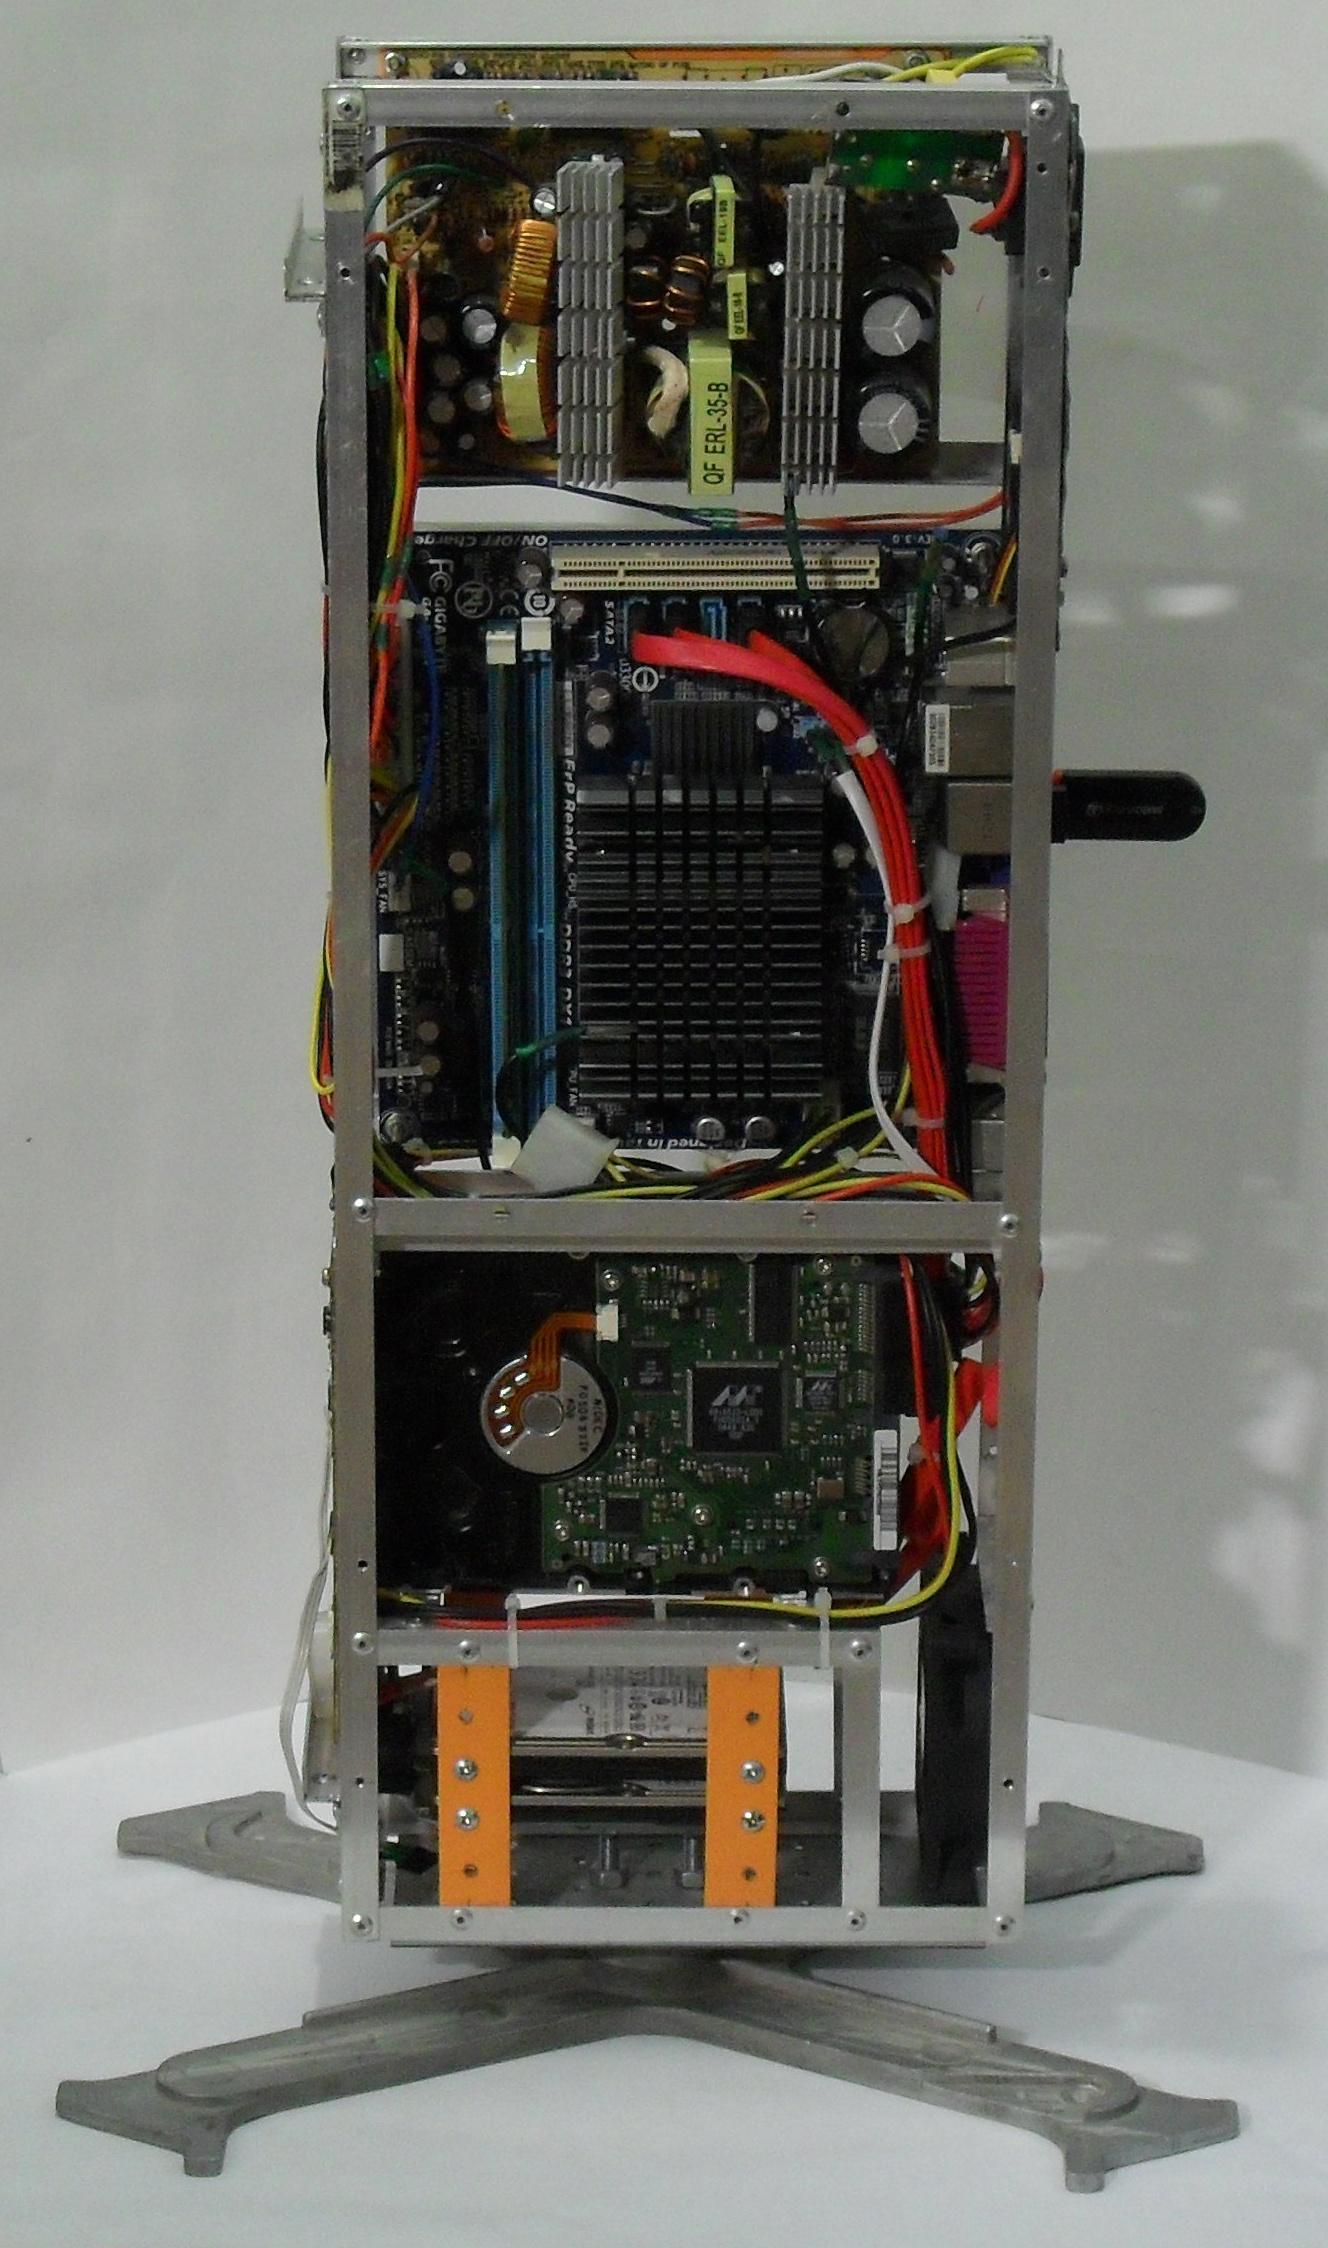 Еще один сервер из подручных средств с претензией на красоту - 34